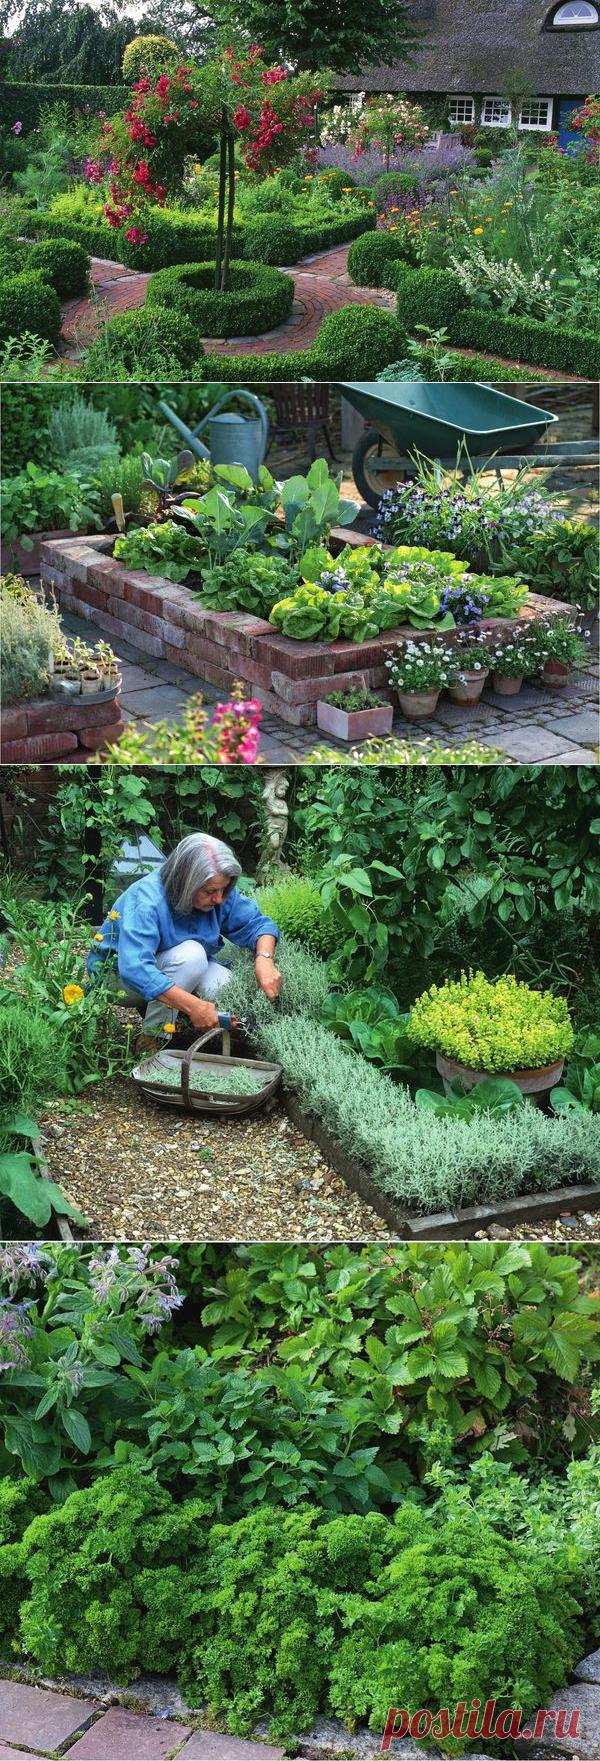 Идеи оформления цветников и грядок